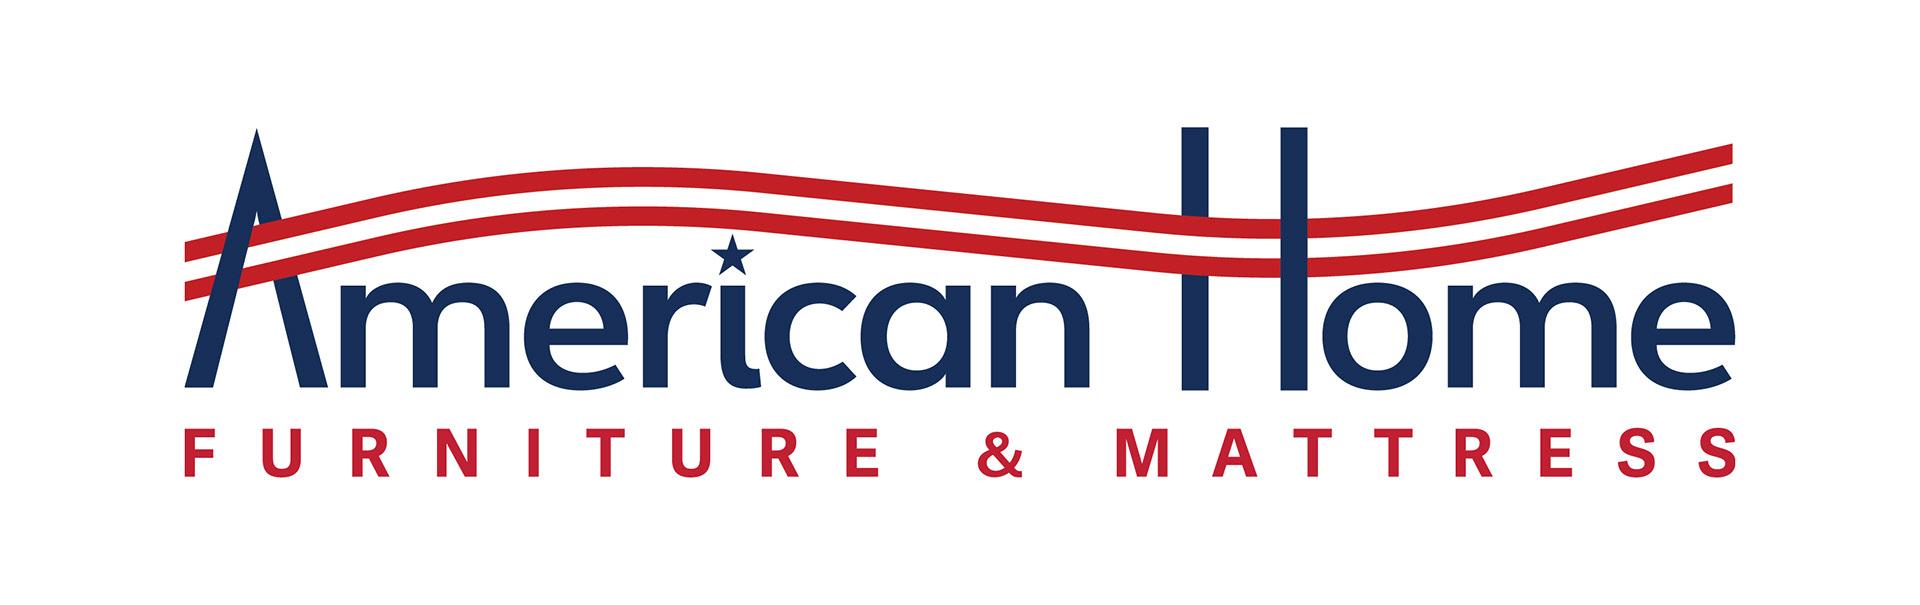 Marta Made Design - American Home Furniture & Mattress Logo